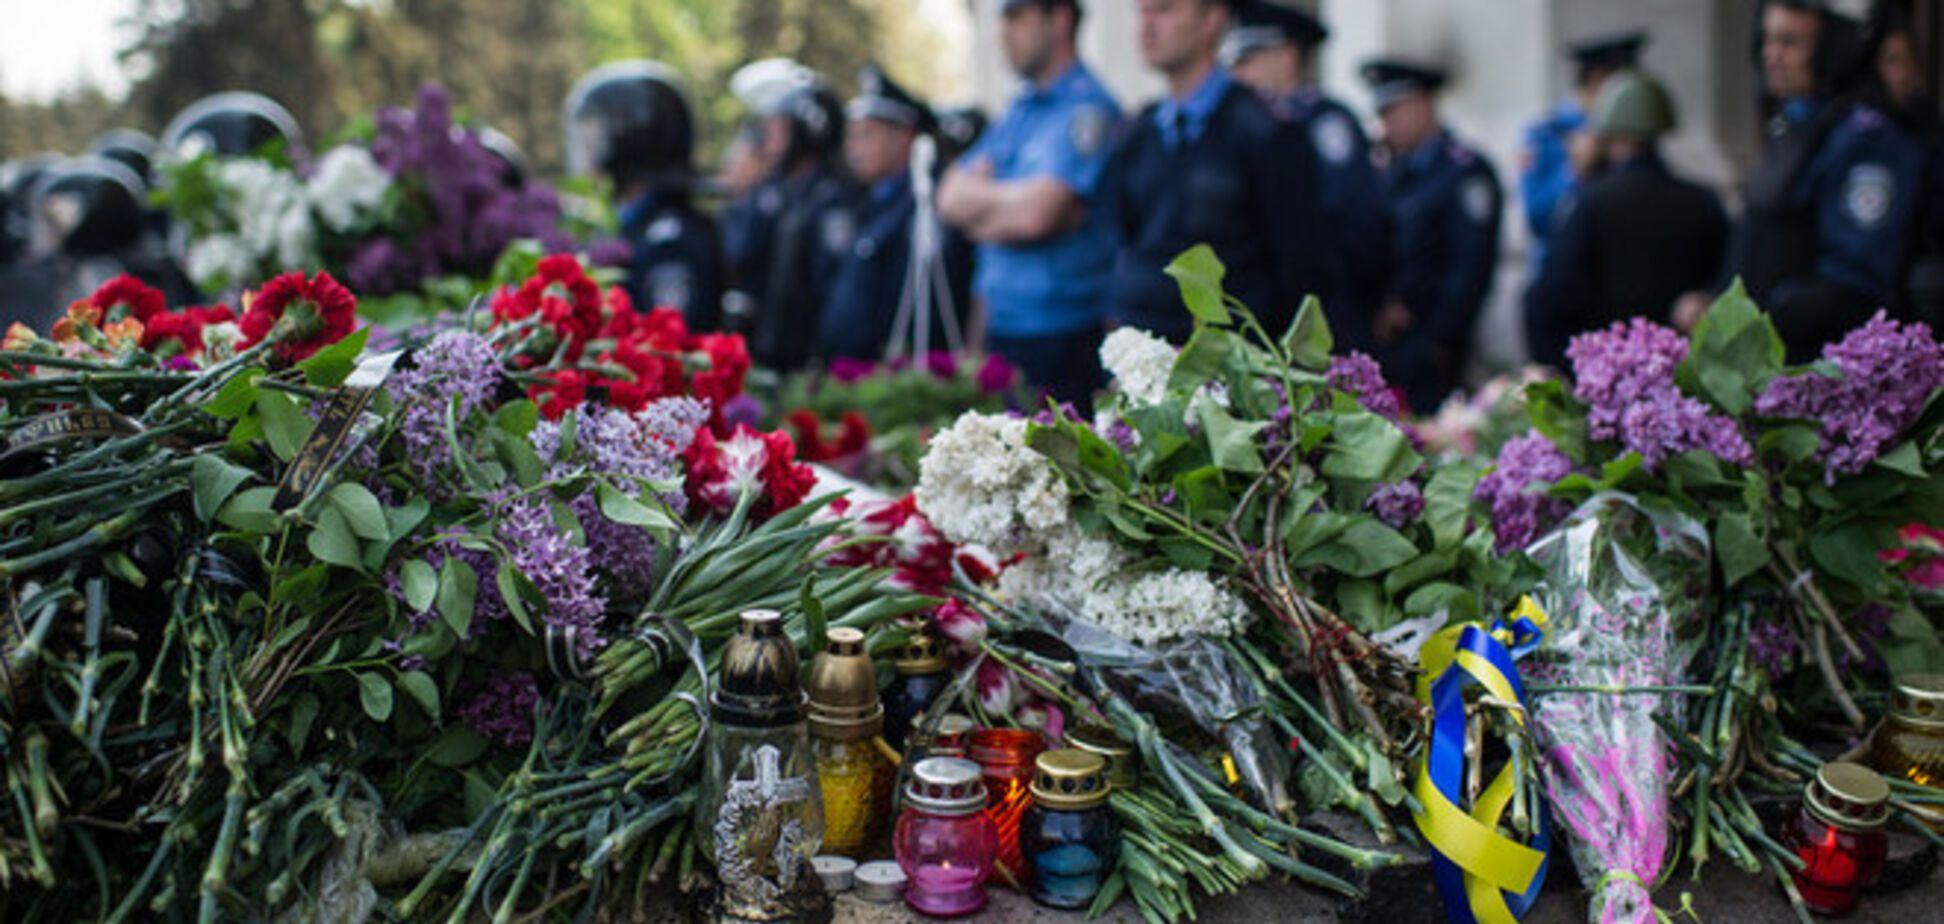 Пан Ги Мун призвал оперативно расследовать трагедию в Одессе